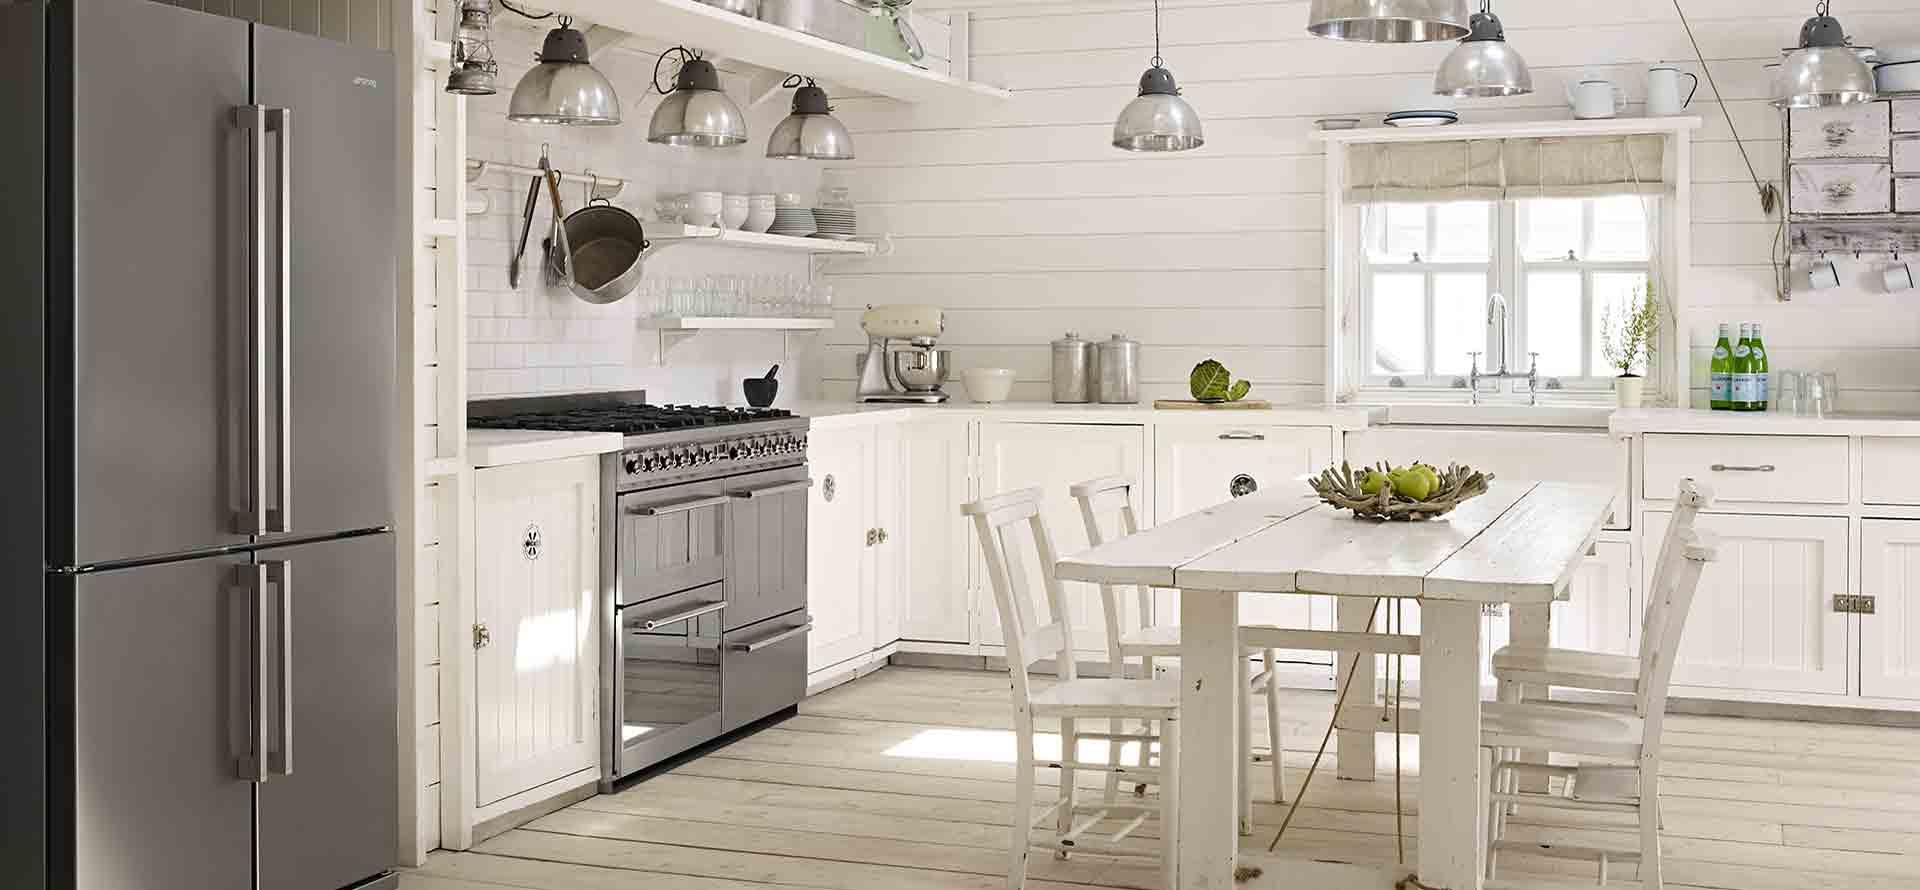 Низкие цены на кухонную технику Smeg